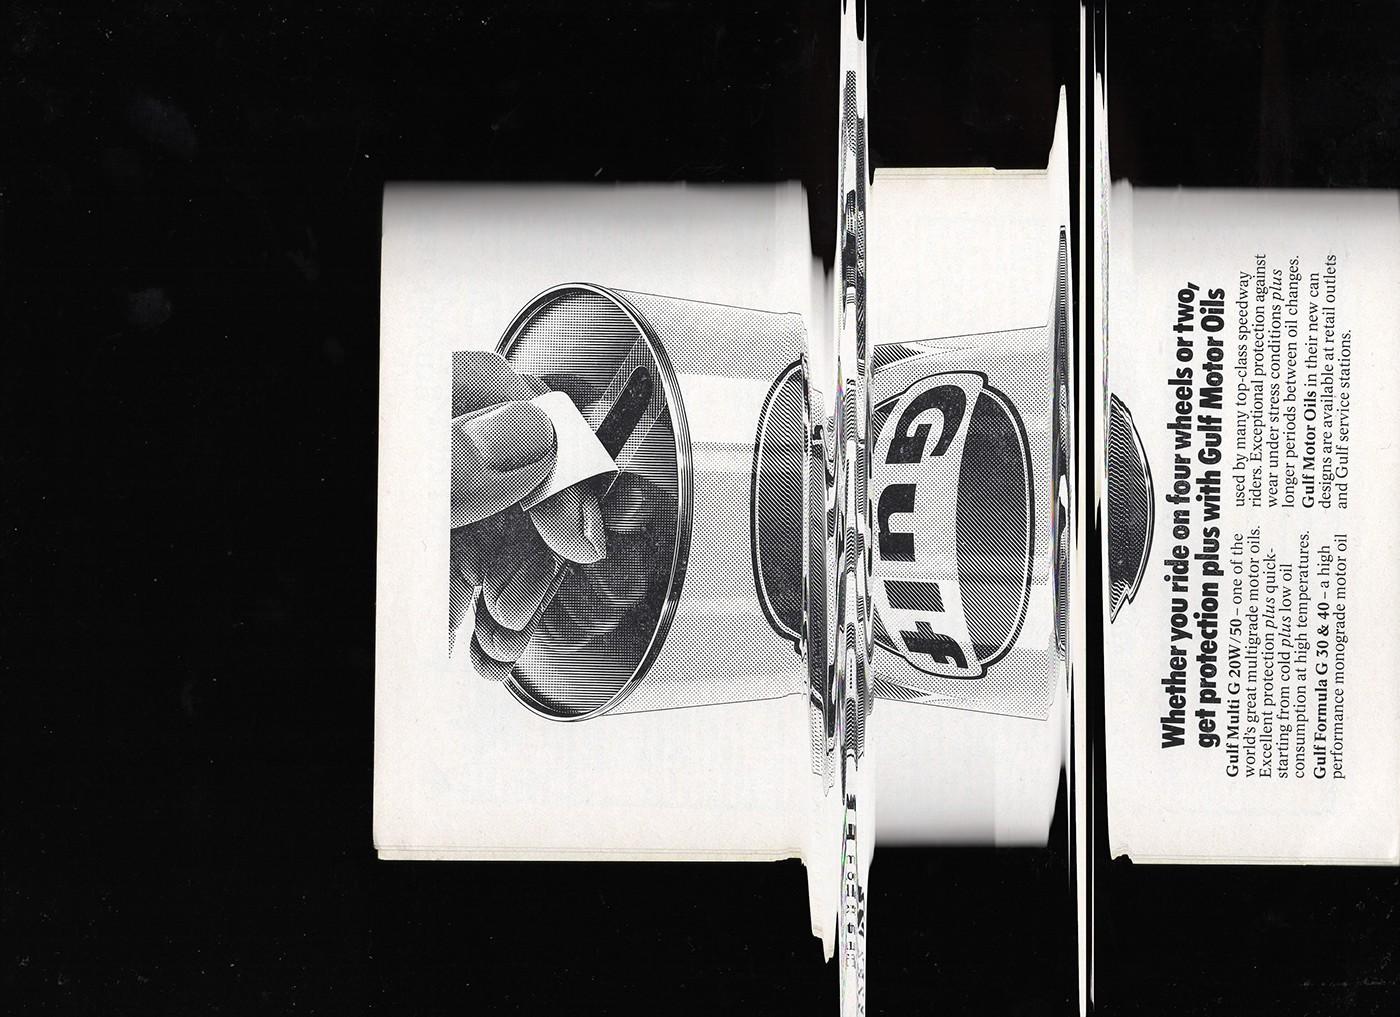 Speedway vintage graphic Glitch